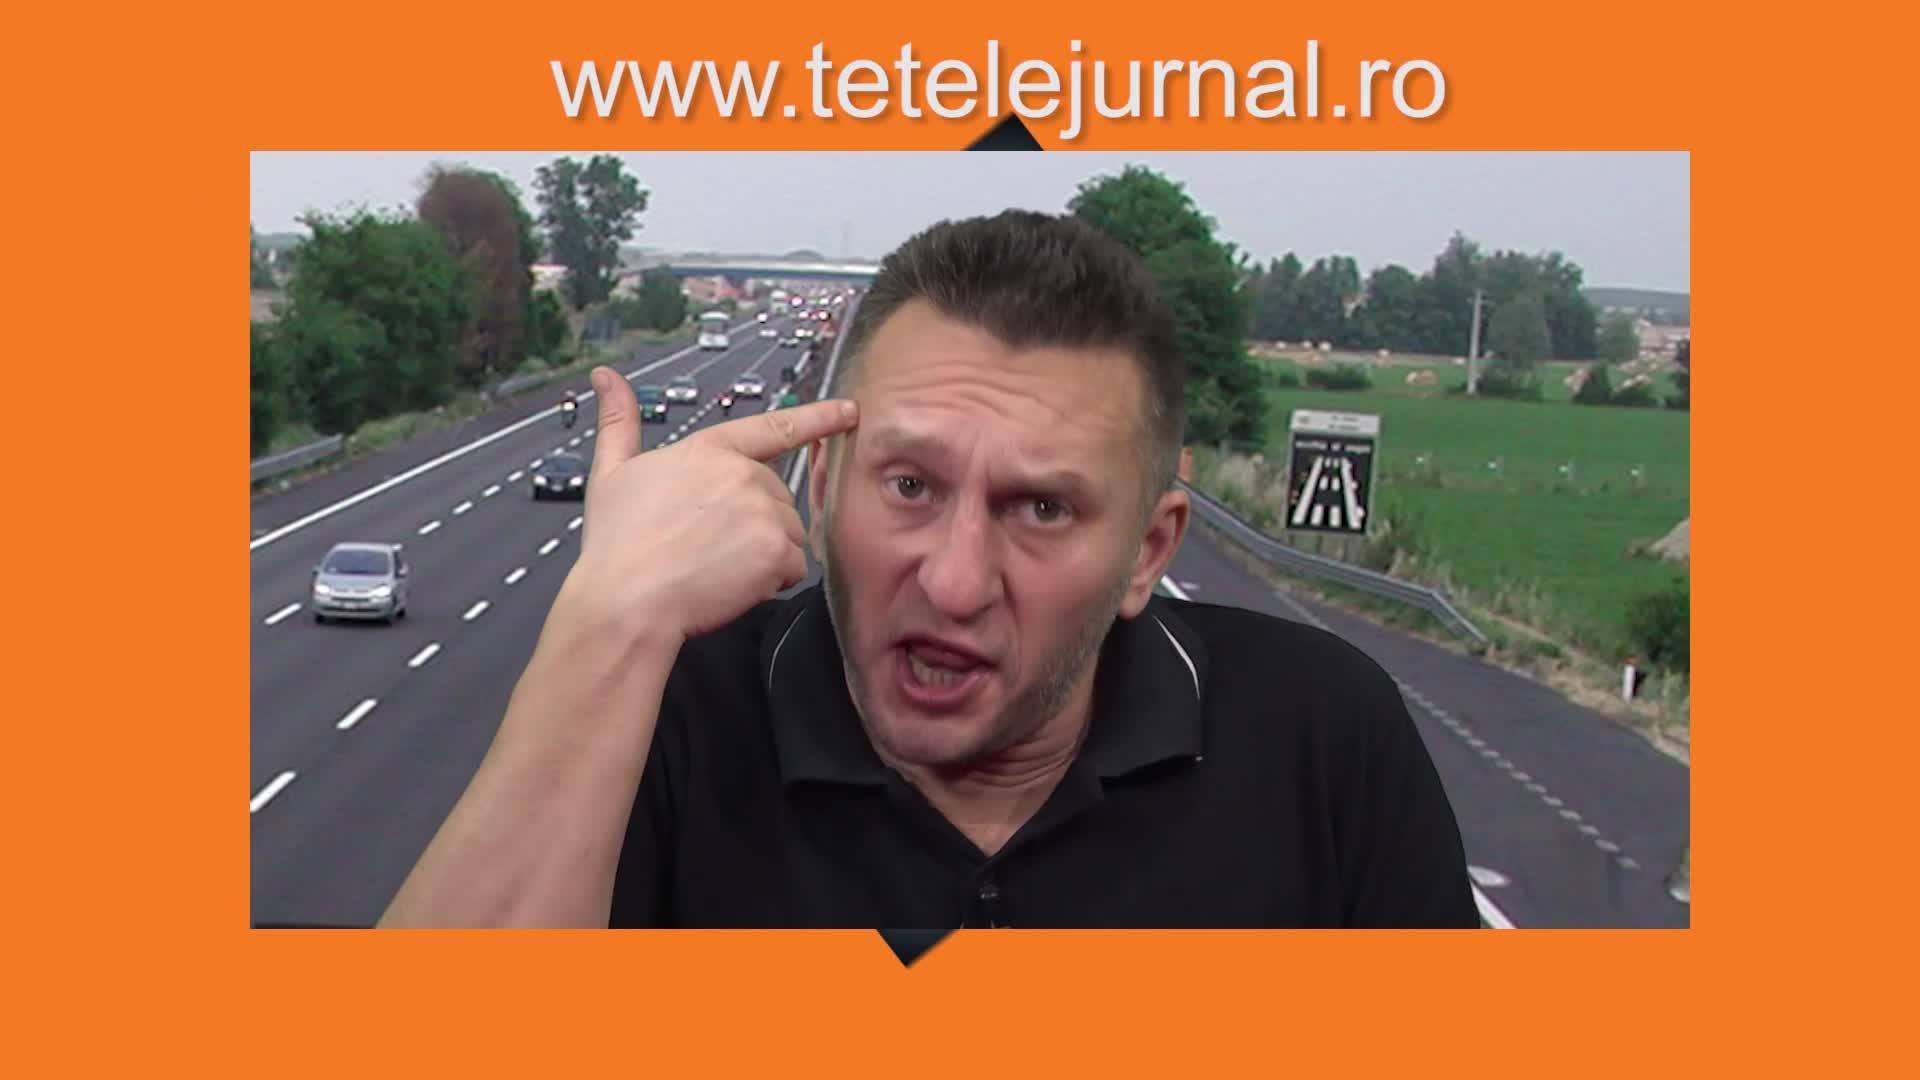 Perla lui Tetelu: De ce nu avem autostrăzi